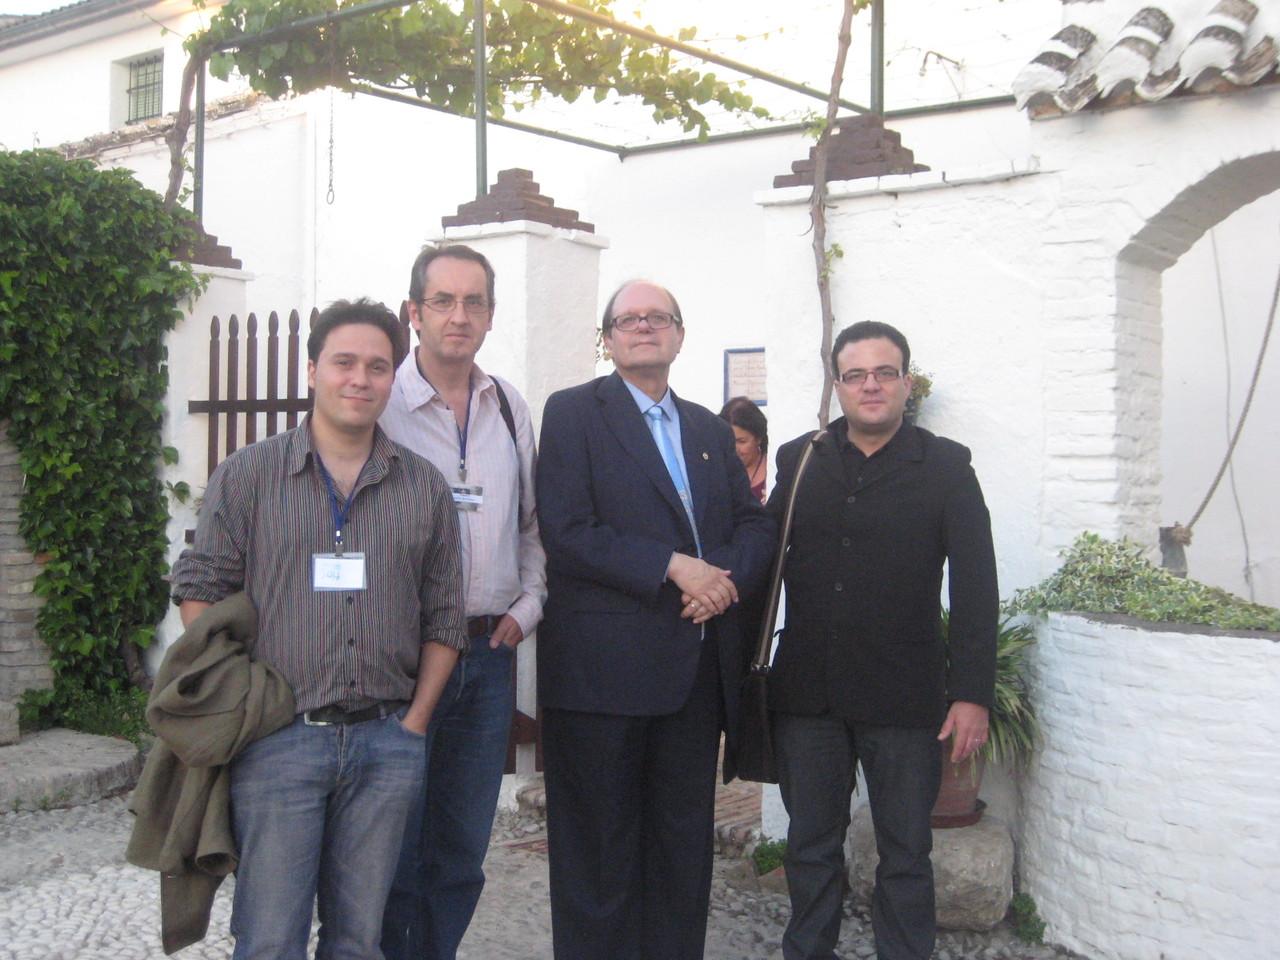 Con Pere Gimferrer, José María Pérez Zúñiga y Javier Bozalongo, en la casa de García Lorca en Valderrubio.